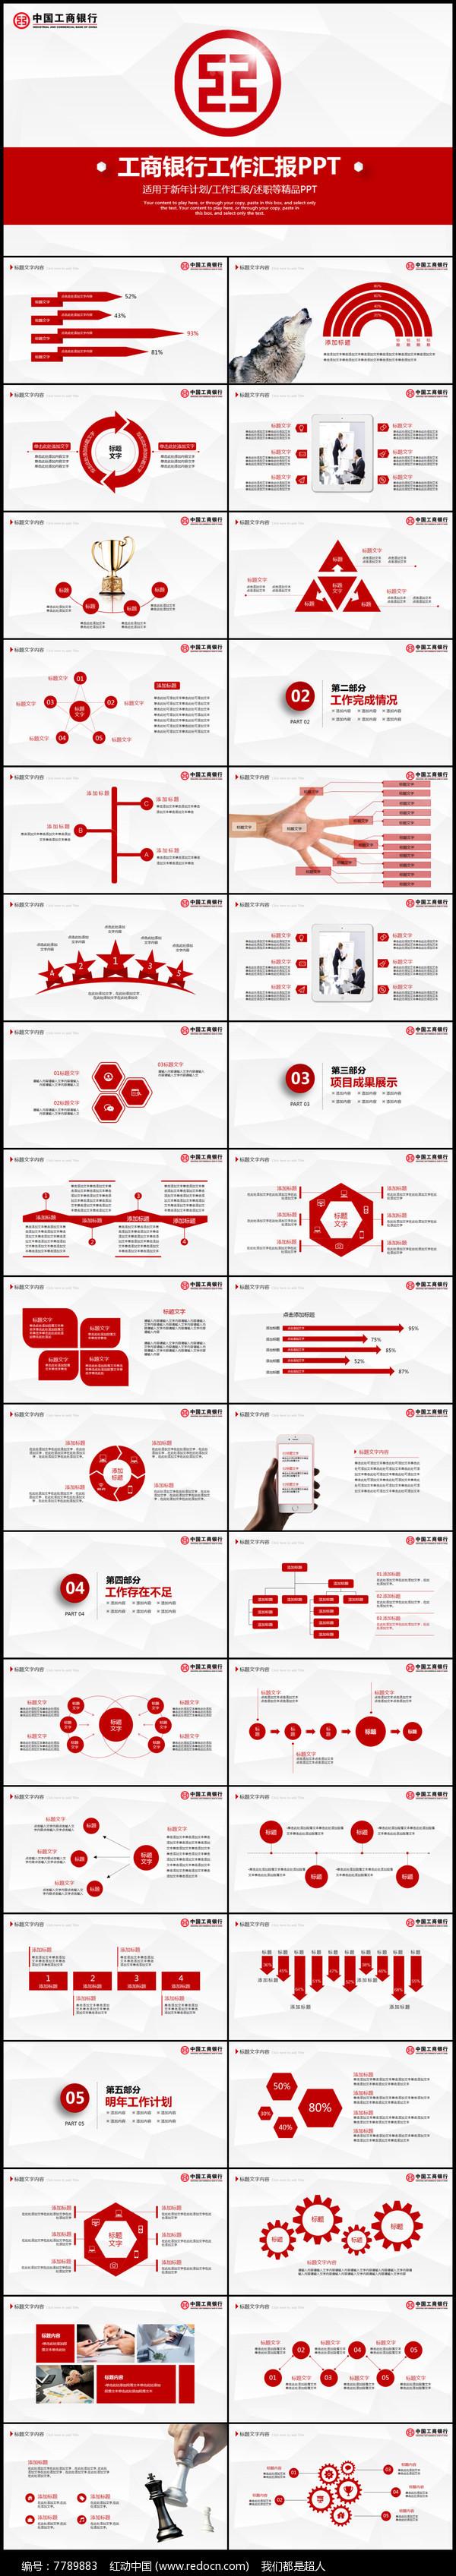 中国工商银行工行理财金融动态PPT图片